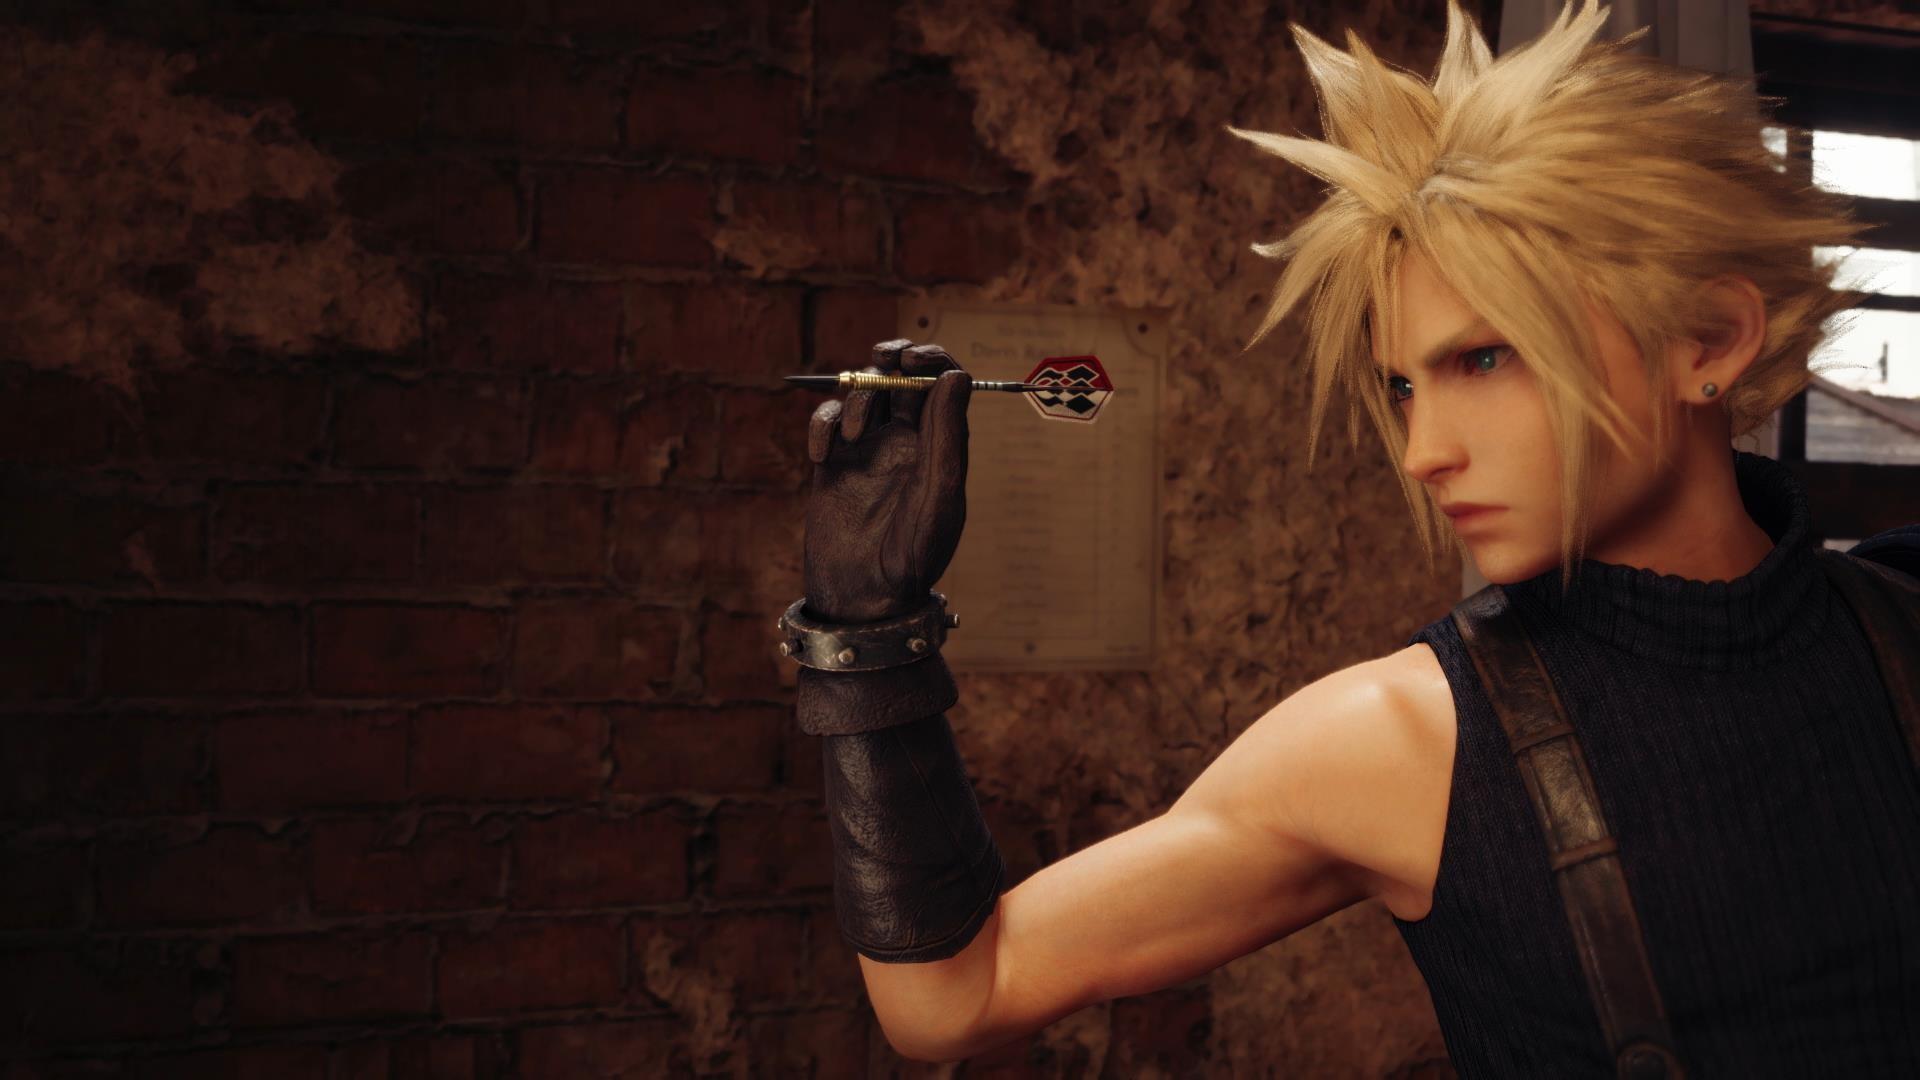 Клауд надел женское платье в новом трейлере Final Fantasy VII Remake